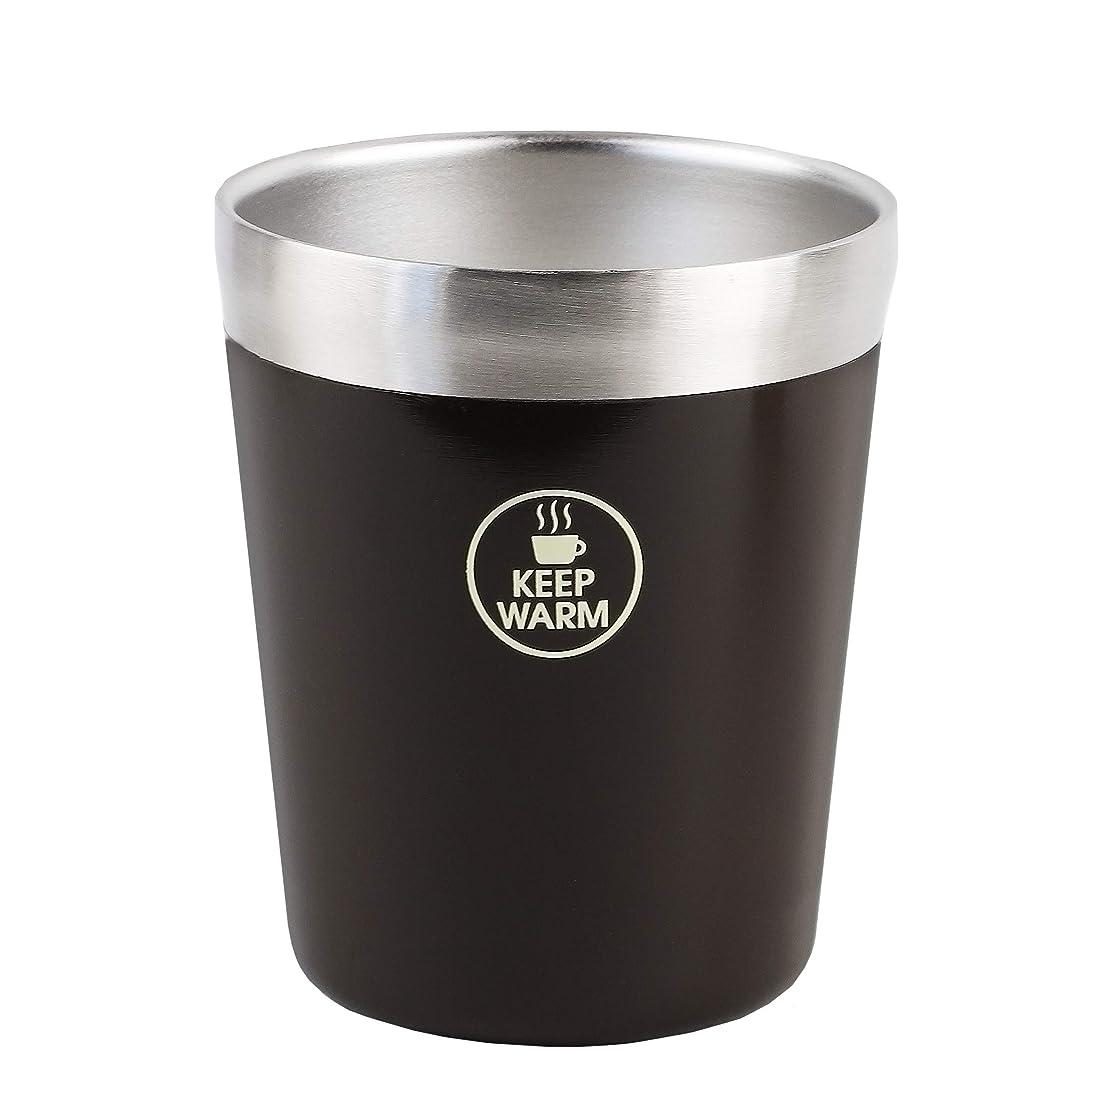 やりすぎうそつき優れたパール金属 真空 コンビニ カップ レギュラー ステンレス ブラウン HB-1337